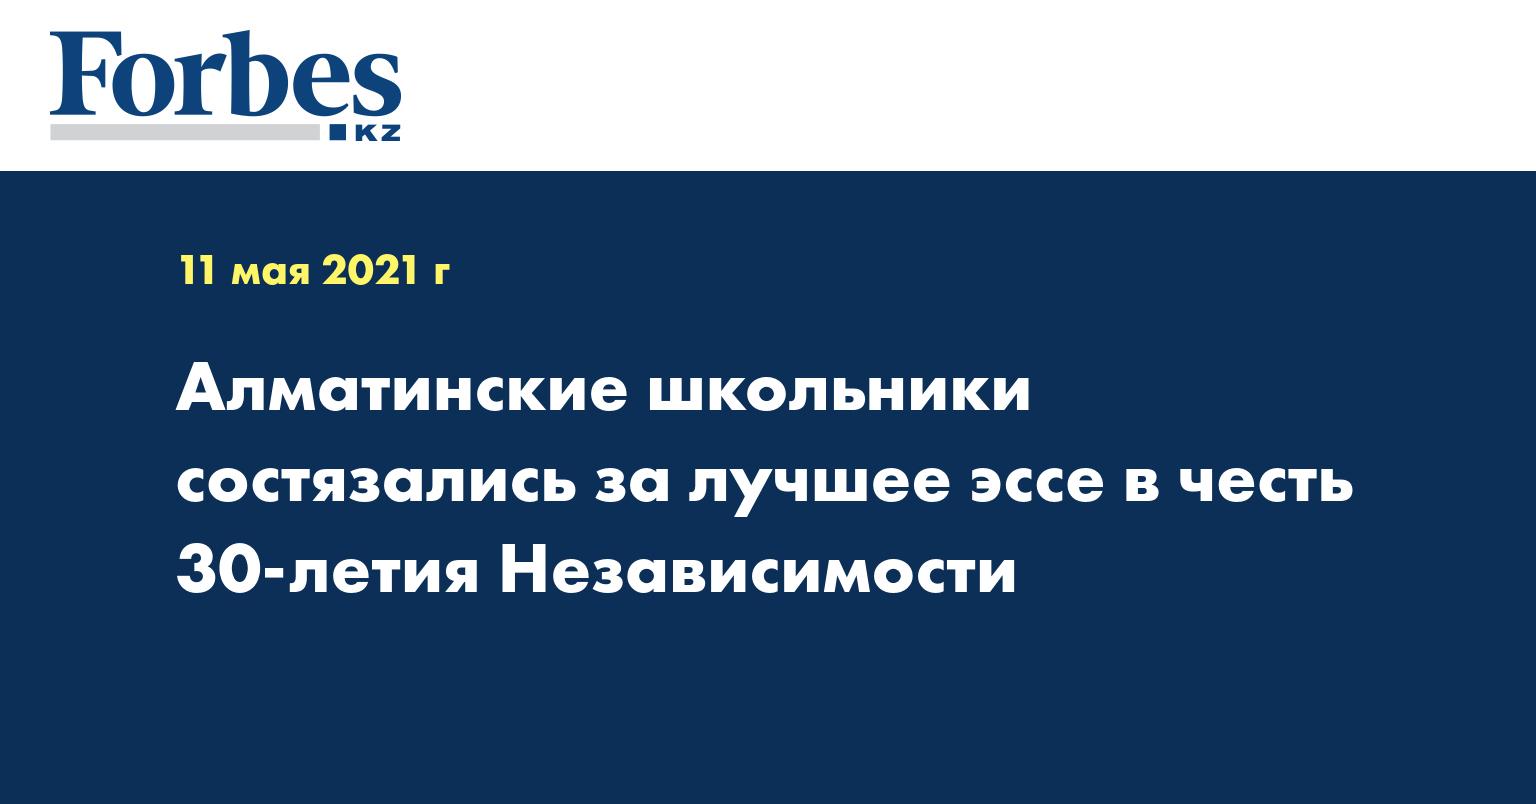 Алматинские школьники состязались за лучшее эссе в честь 30-летия Независимости